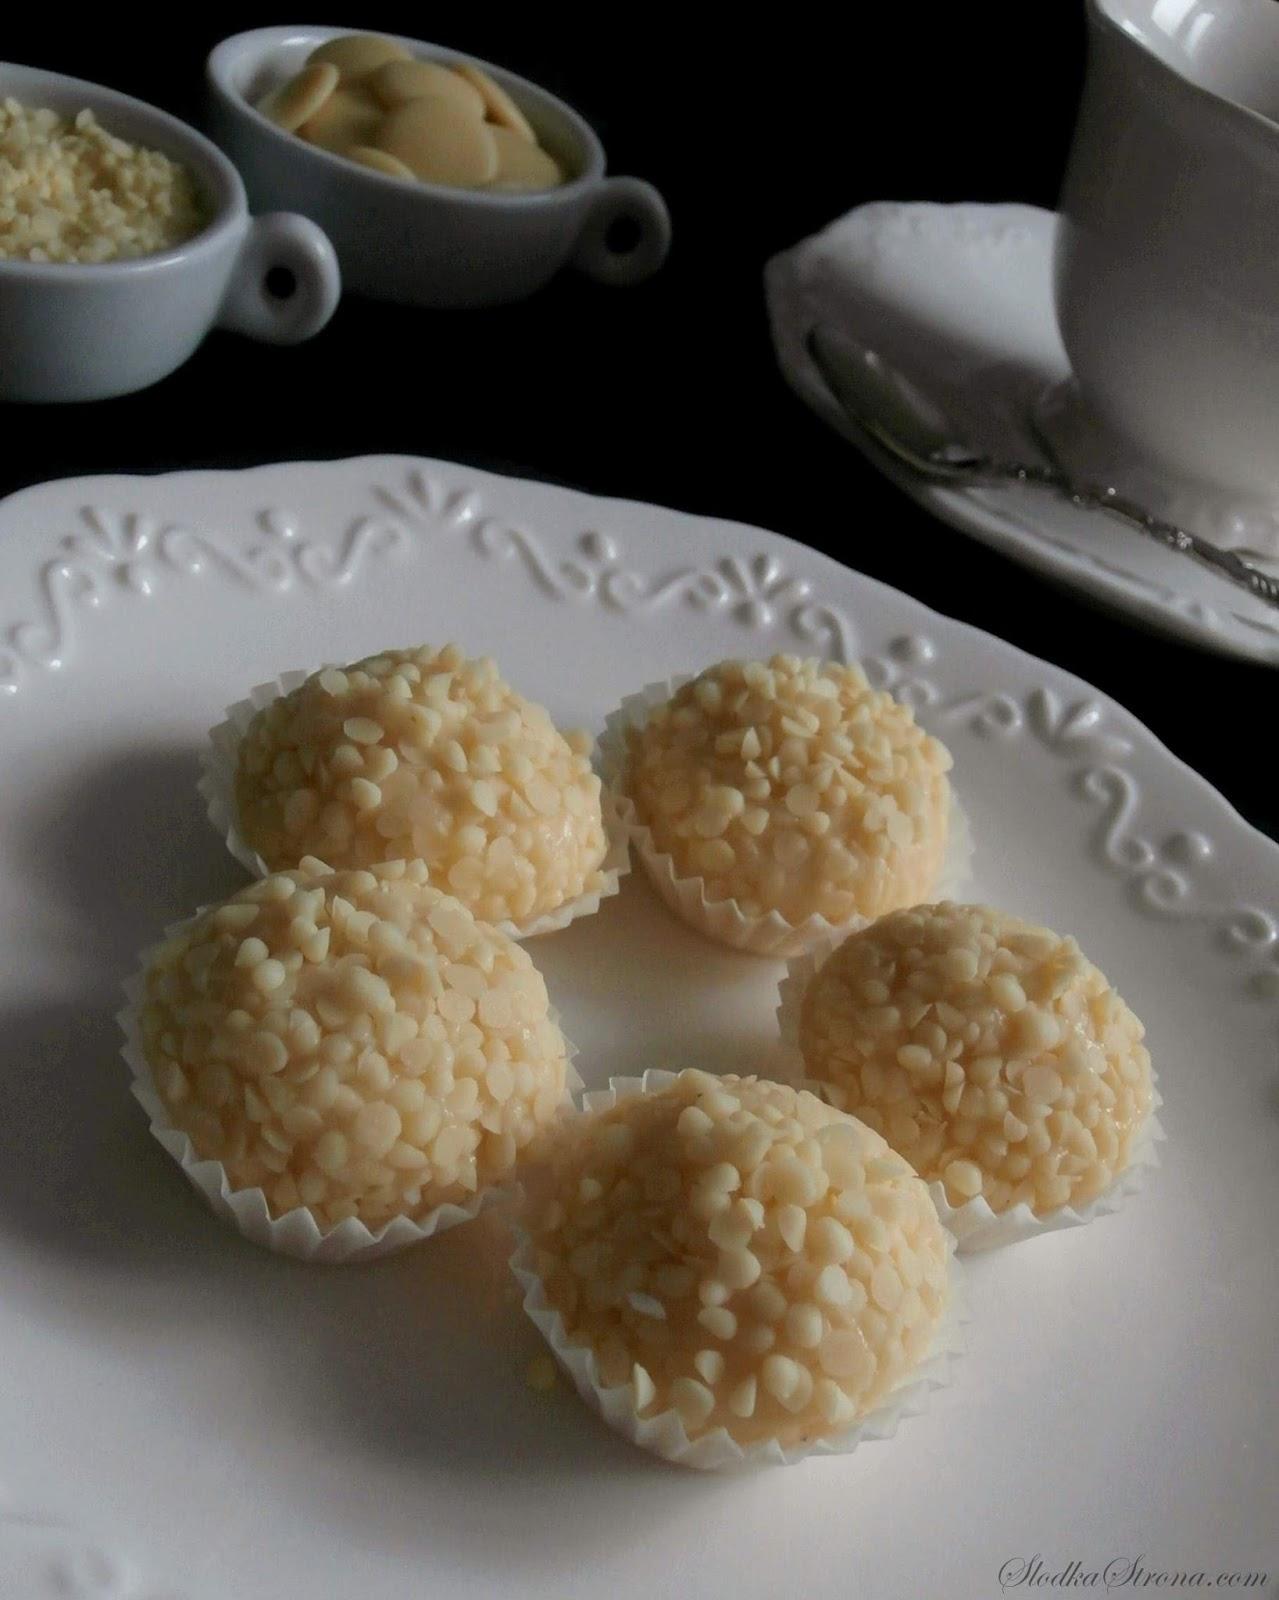 Białe Trufle - Przepis - Słodka Strona, Domowe Białe Trufle to propozycja dla wielbicieli białej czekolady. Każdy kto ją lubi pokocha również te czekoladki, których środek stanowi delikatna kremowa masa  a wierzch zdobią micro krople również z białej czekolady. Białe Trufle - Przepis - Słodka Strona białe czekoladki, czekoladki z białej czekolady, białe czekoladki, domowe czekoladki, jak zrobic trufle, jak zrobić trufle z czekolady, czekoladki z bialej czekolady, biała czekolada,